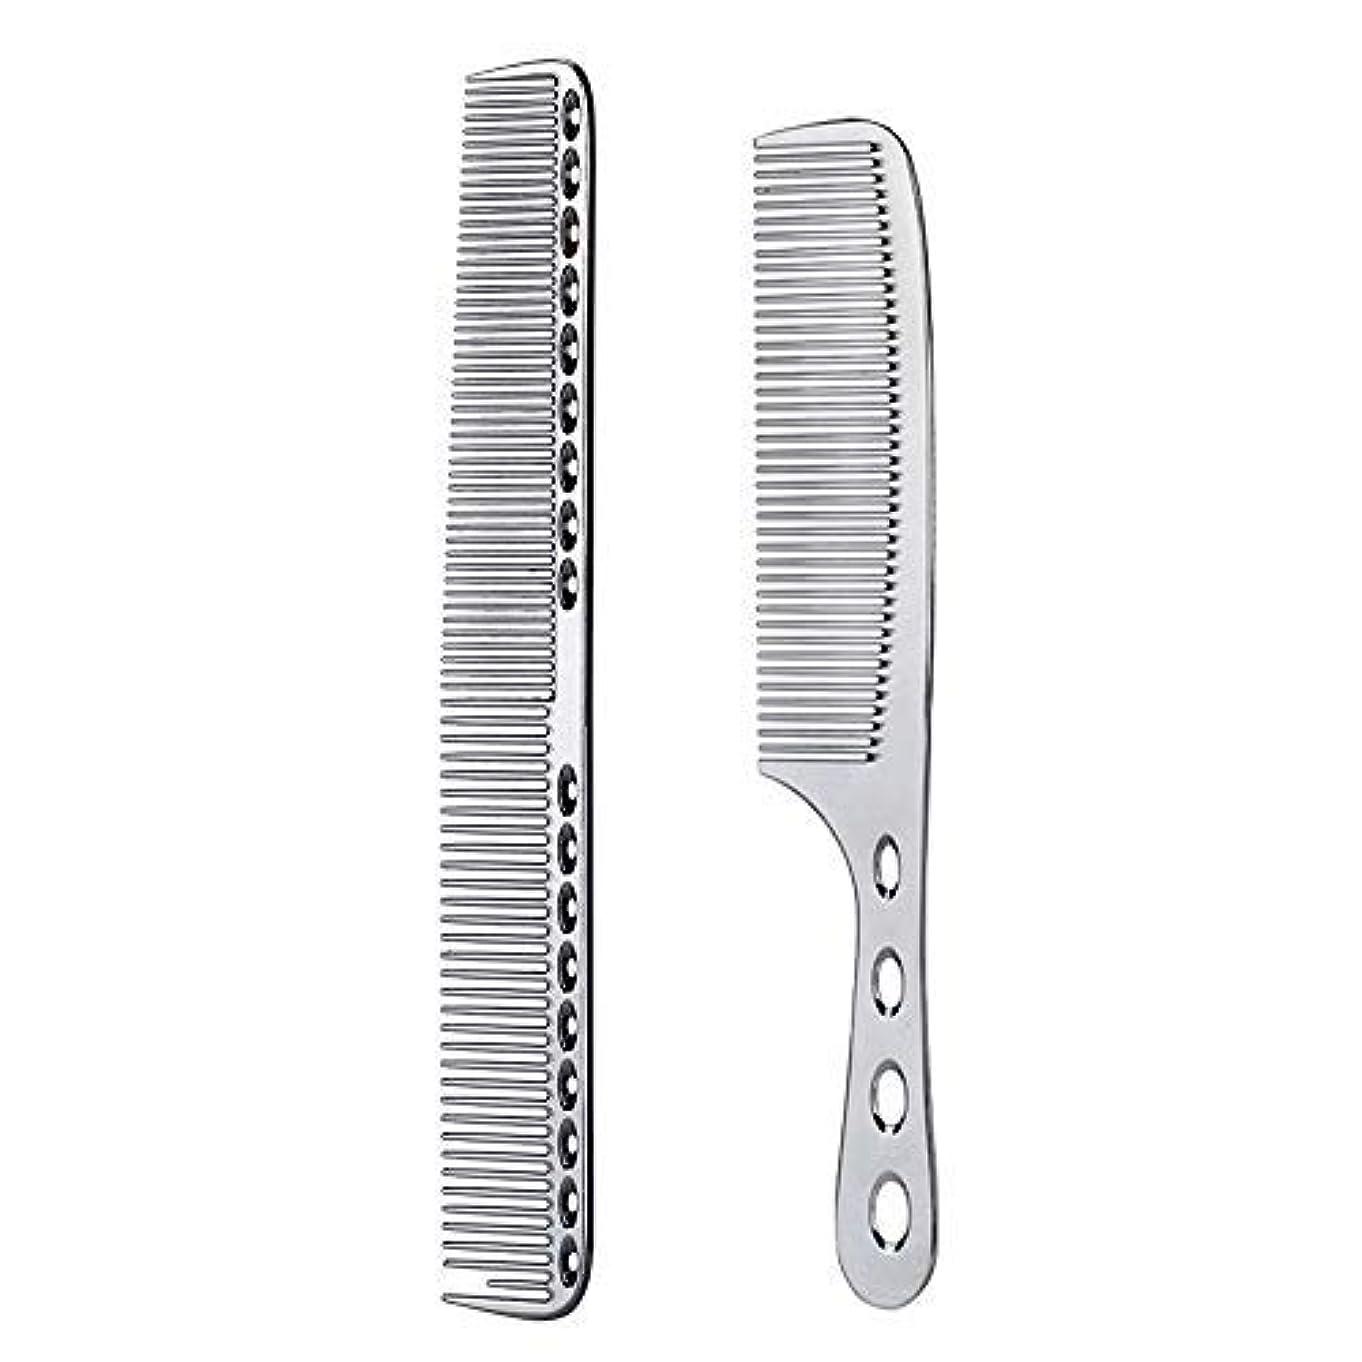 アンドリューハリディフィッティングねじれ2 pcs Stainless Steel Hair Combs Anti Static Styling Comb Hairdressing Barbers Combs (Silver) [並行輸入品]